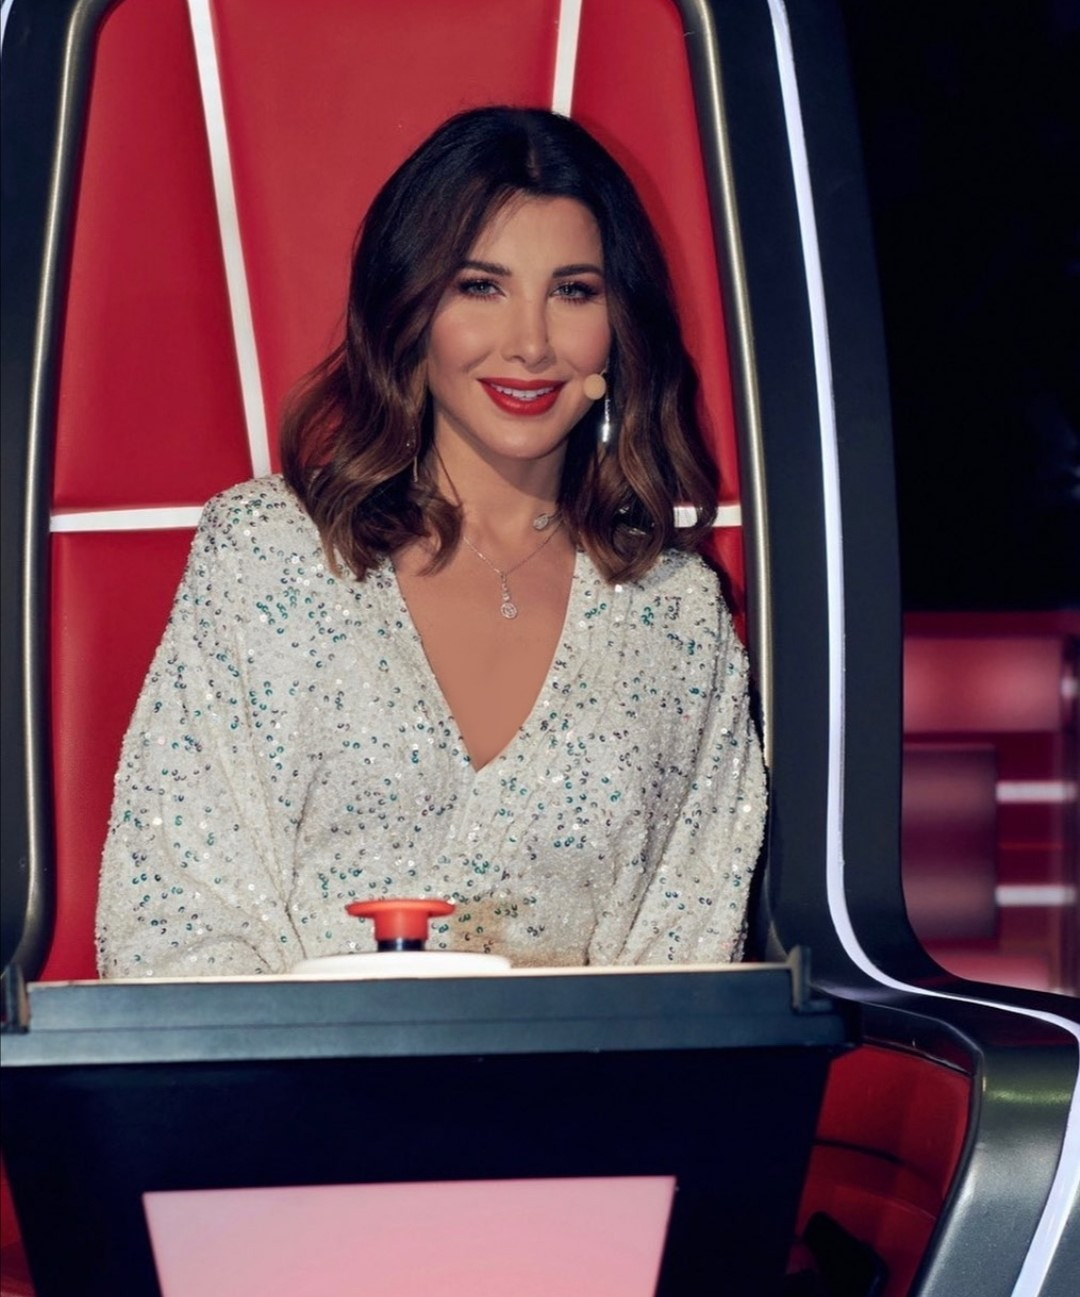 نانسي عجرم بالفستان -الصورة من حساب النجمة على انستغرام